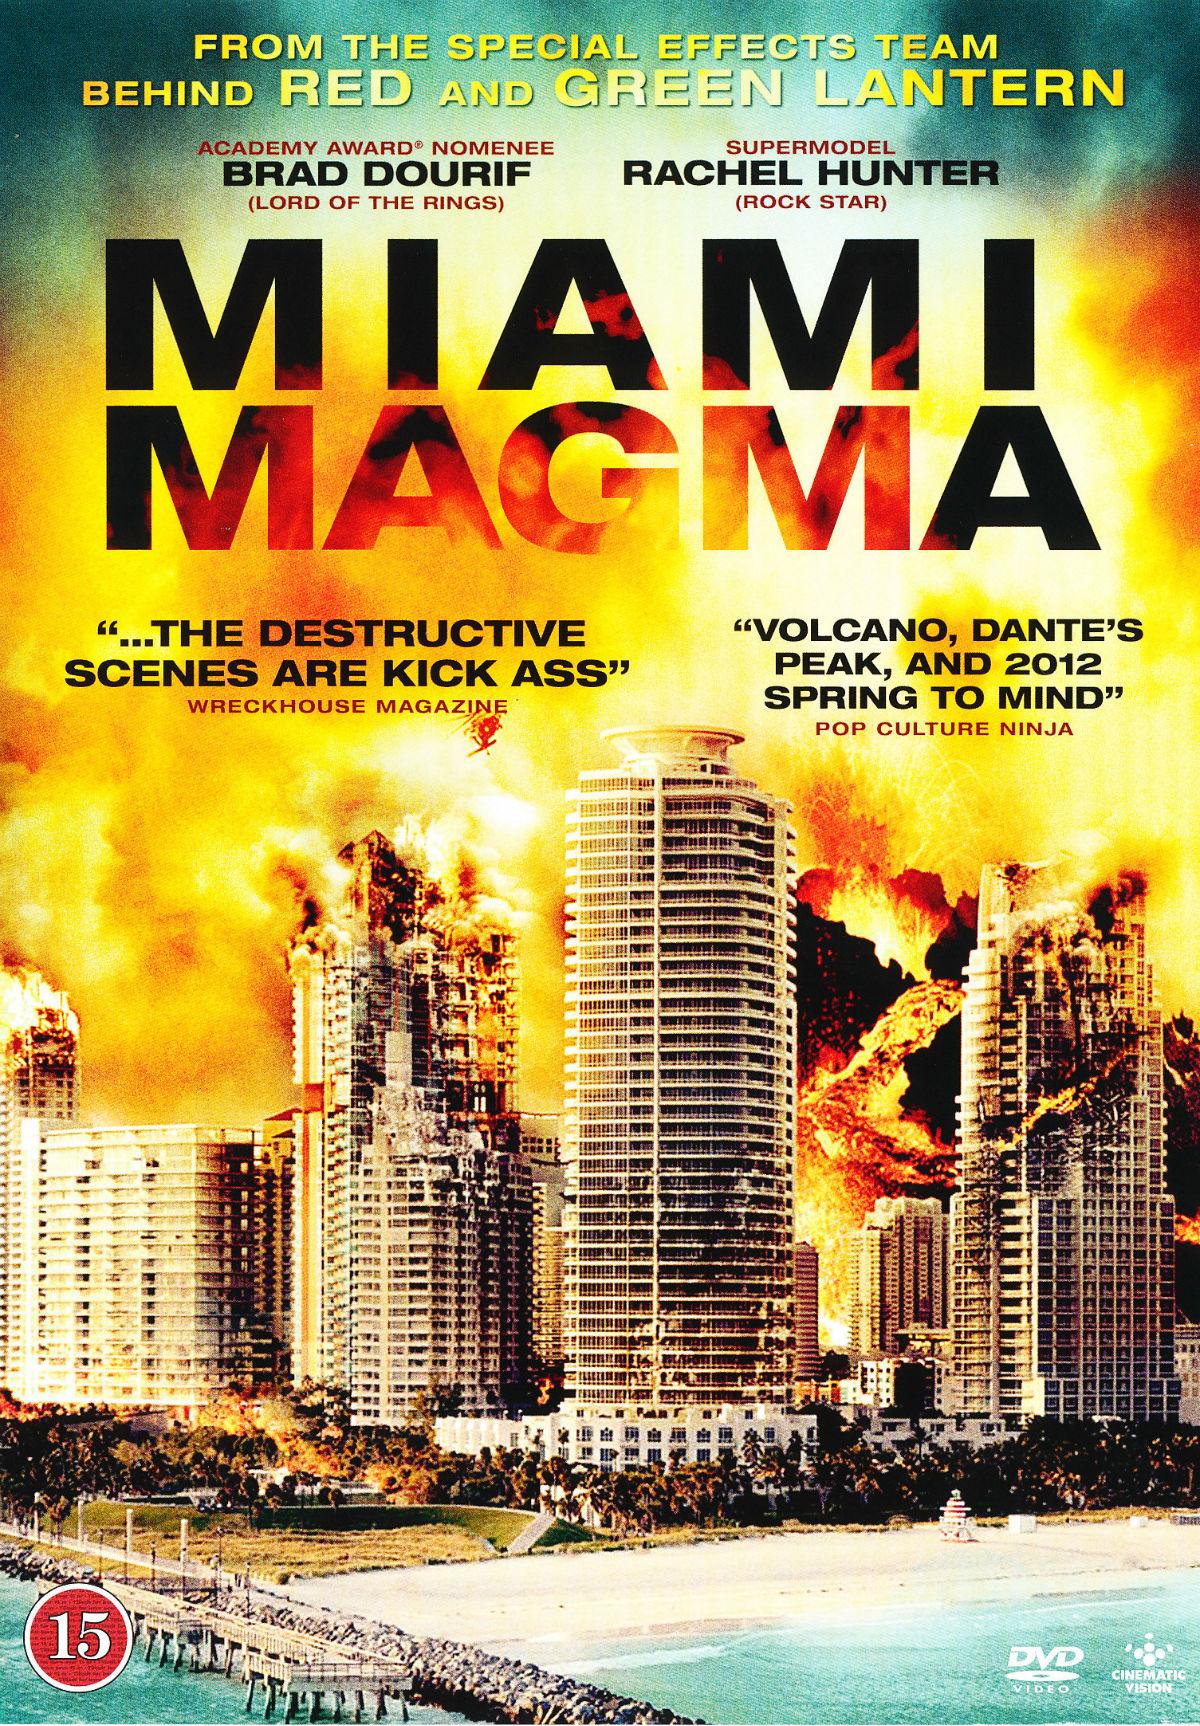 Affiche du film Miami Magma - Photo 2 sur 7 - AlloCiné